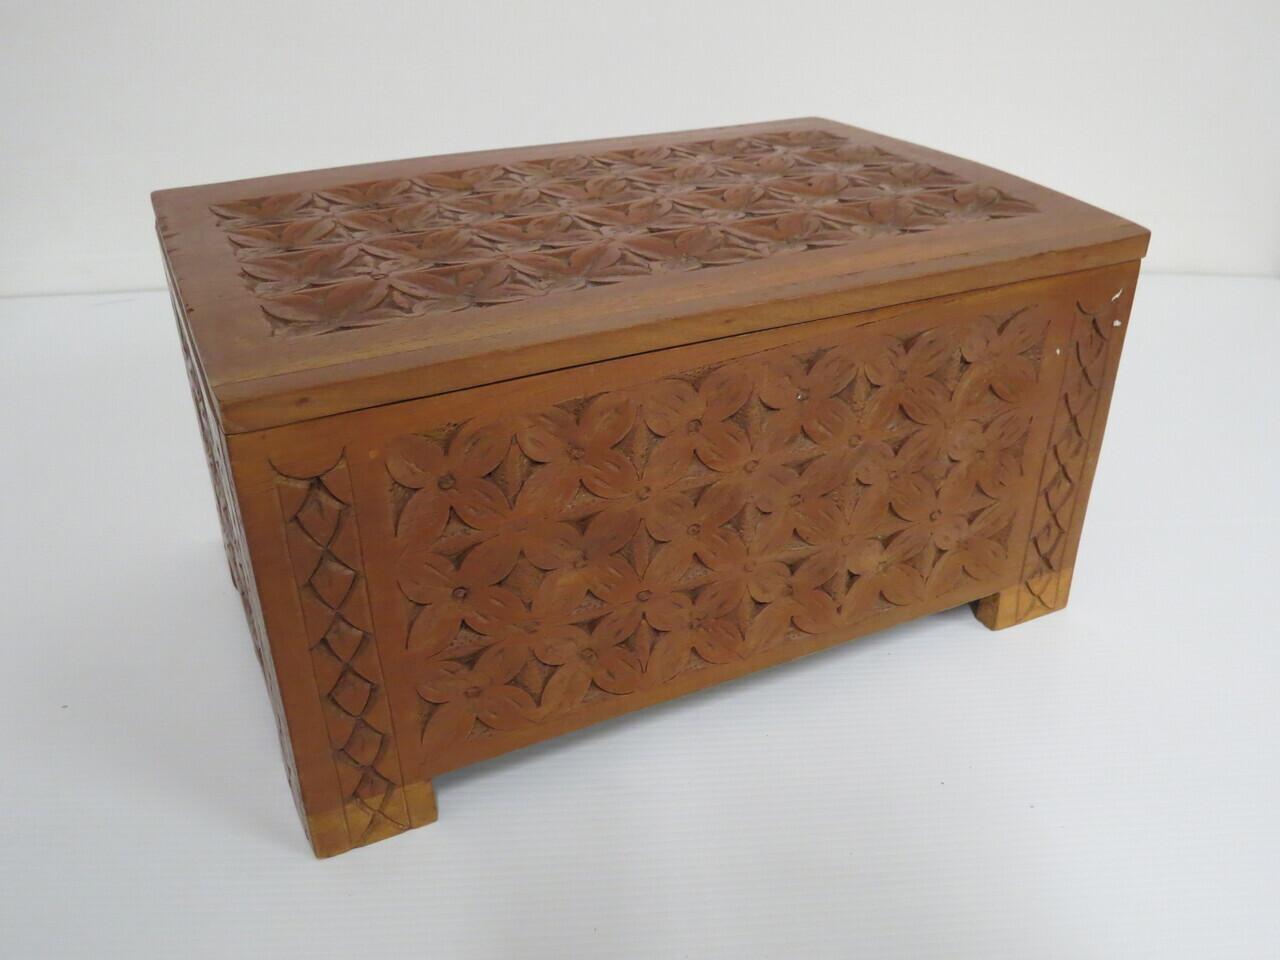 Lote: 2 - Lote: 2 - Caja de madera tallada